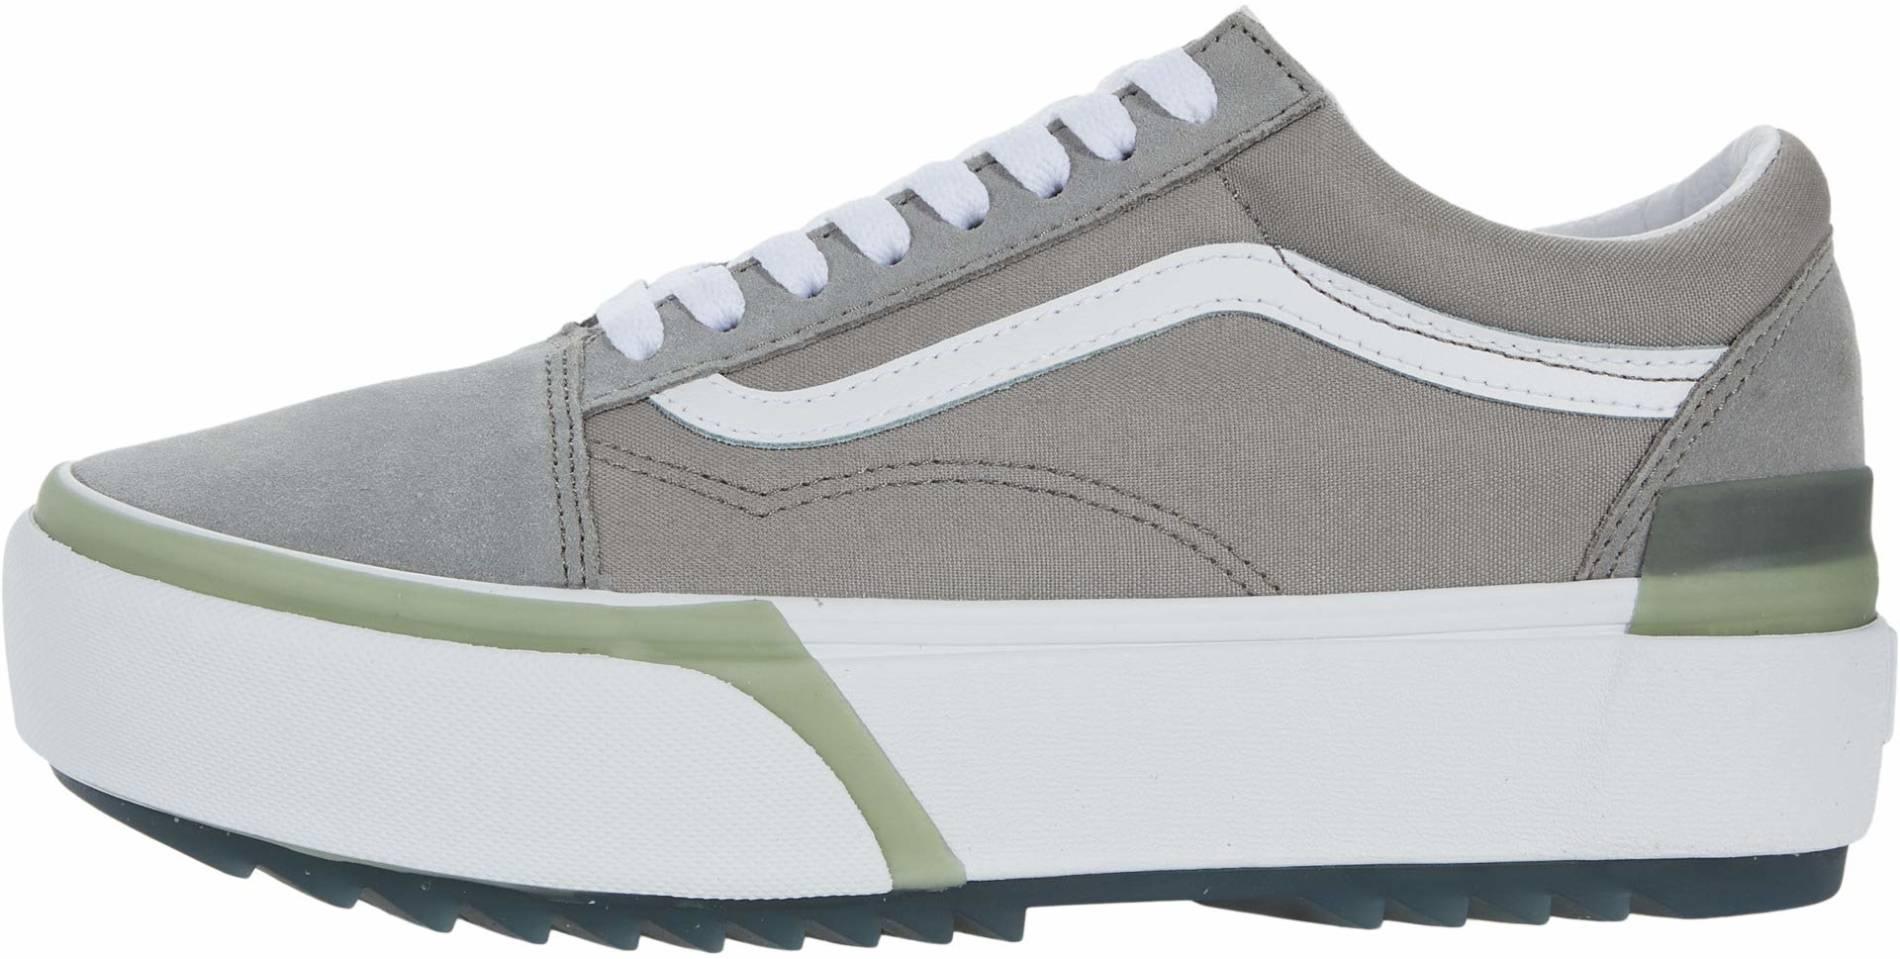 30 Vans Old Skool sneakers - Save 28% | RunRepeat